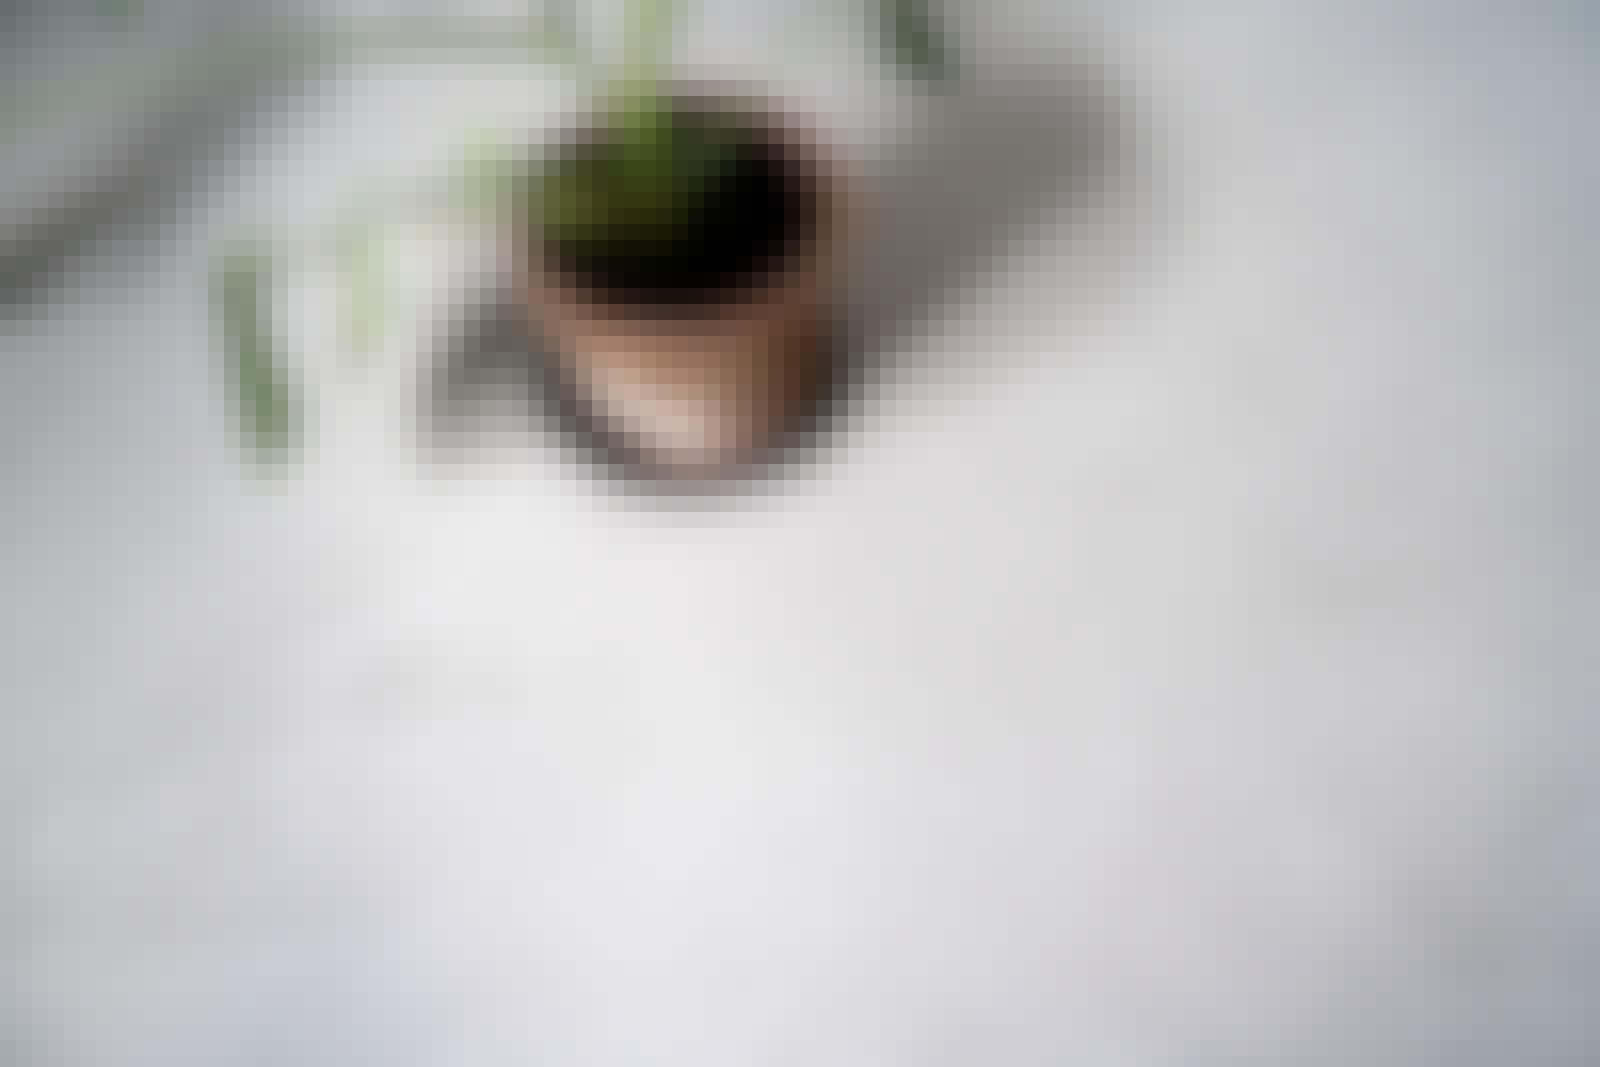 Microcement färger: Här ses microcementen i den klassiska grå färgen